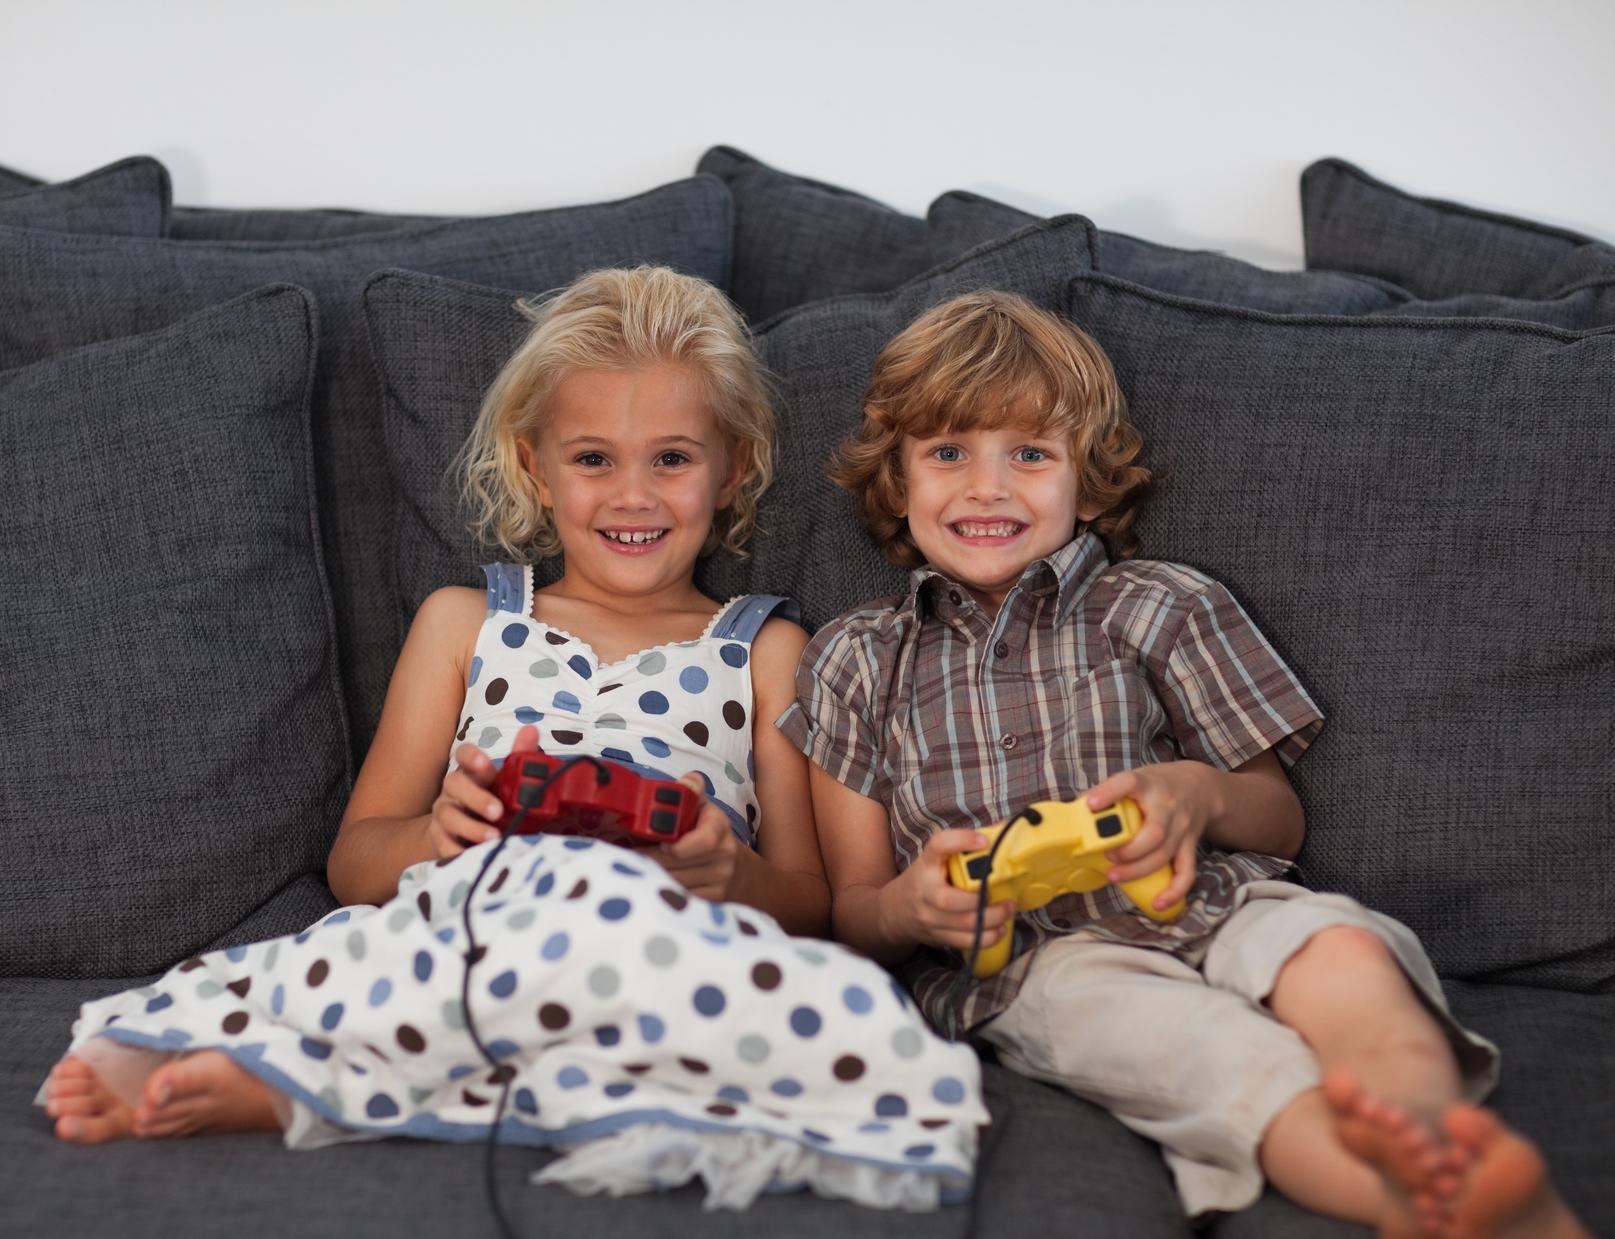 Русское порно брата с сестрой на диване 9 фотография